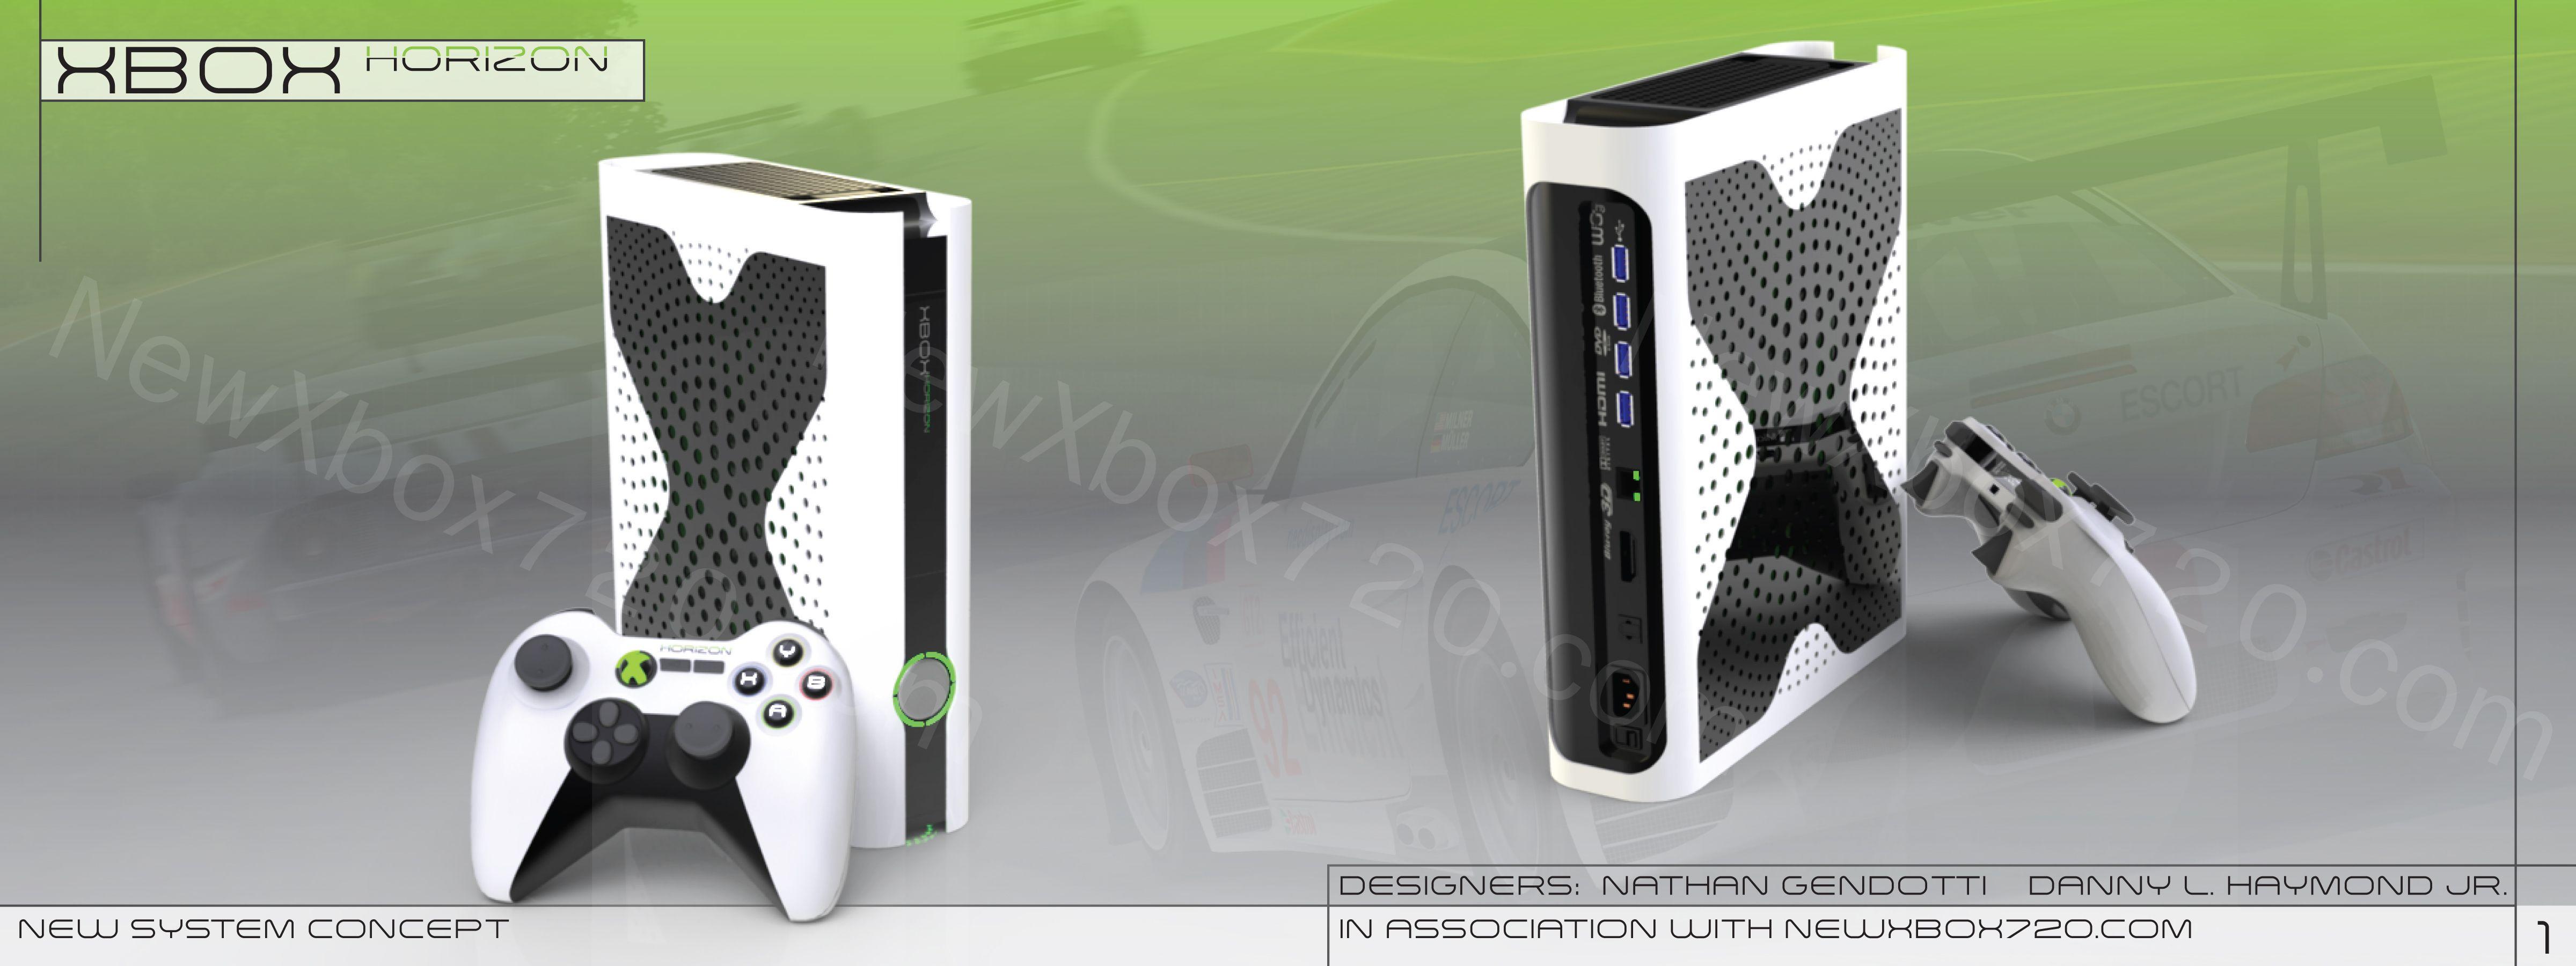 Xbox One Slim Concept xbox one console   Xbo...